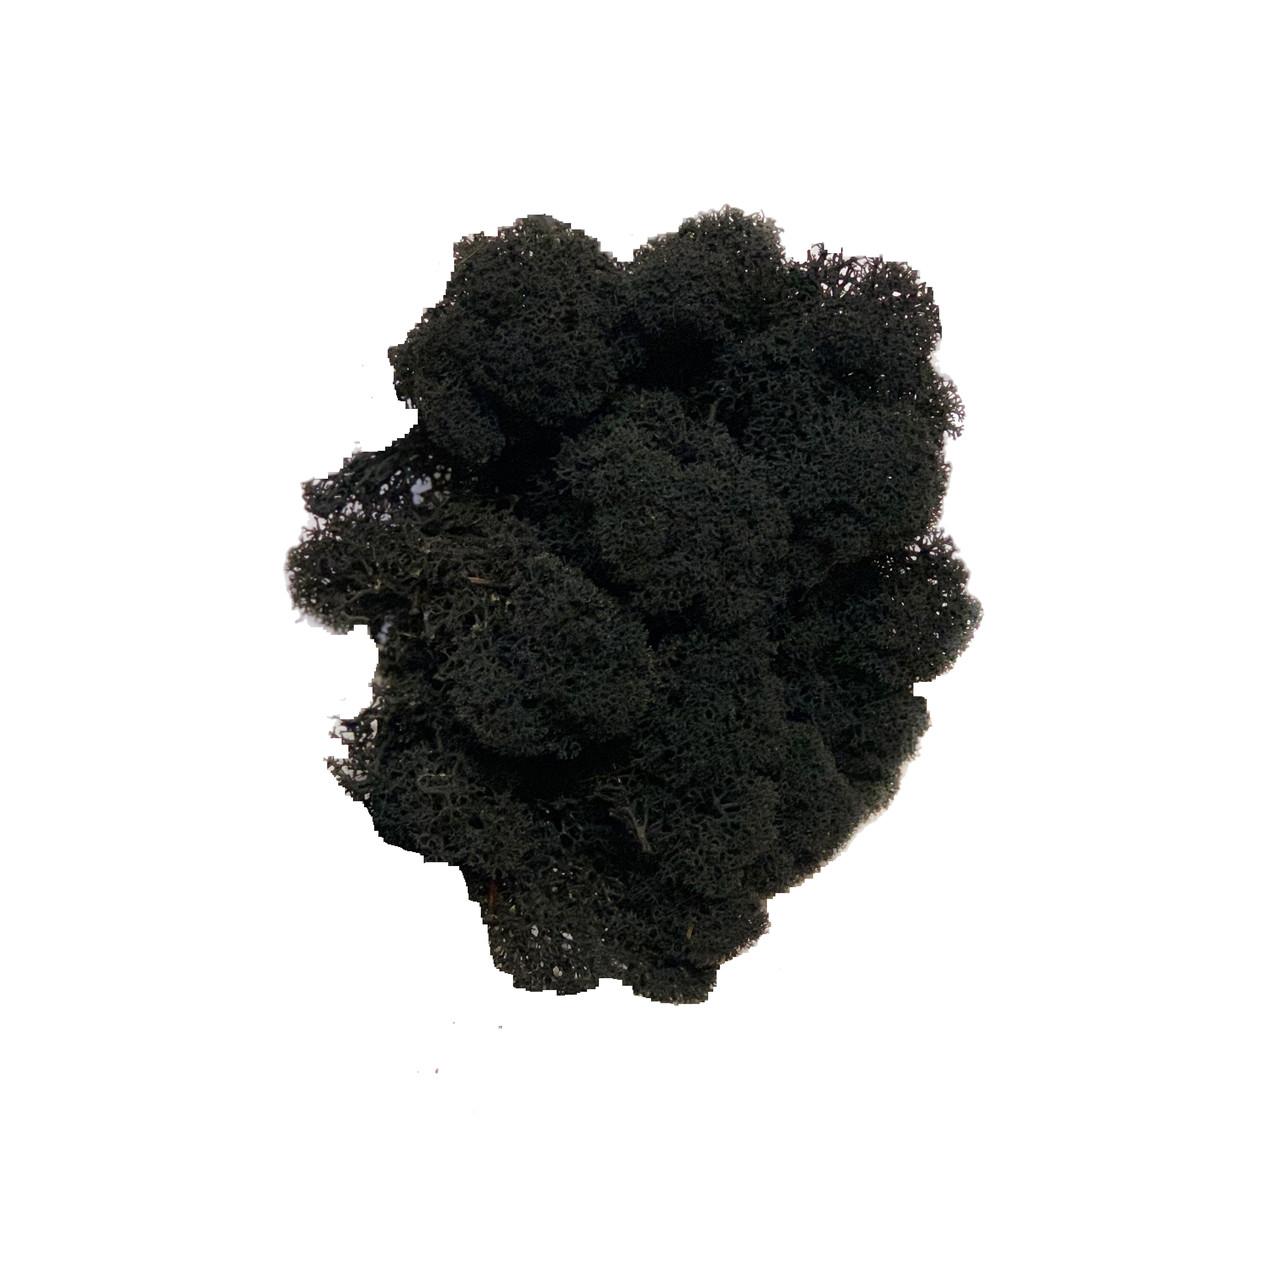 Очищений стабилизированный мох Green Ecco Moss cкандинавский ягель Black 1 кг